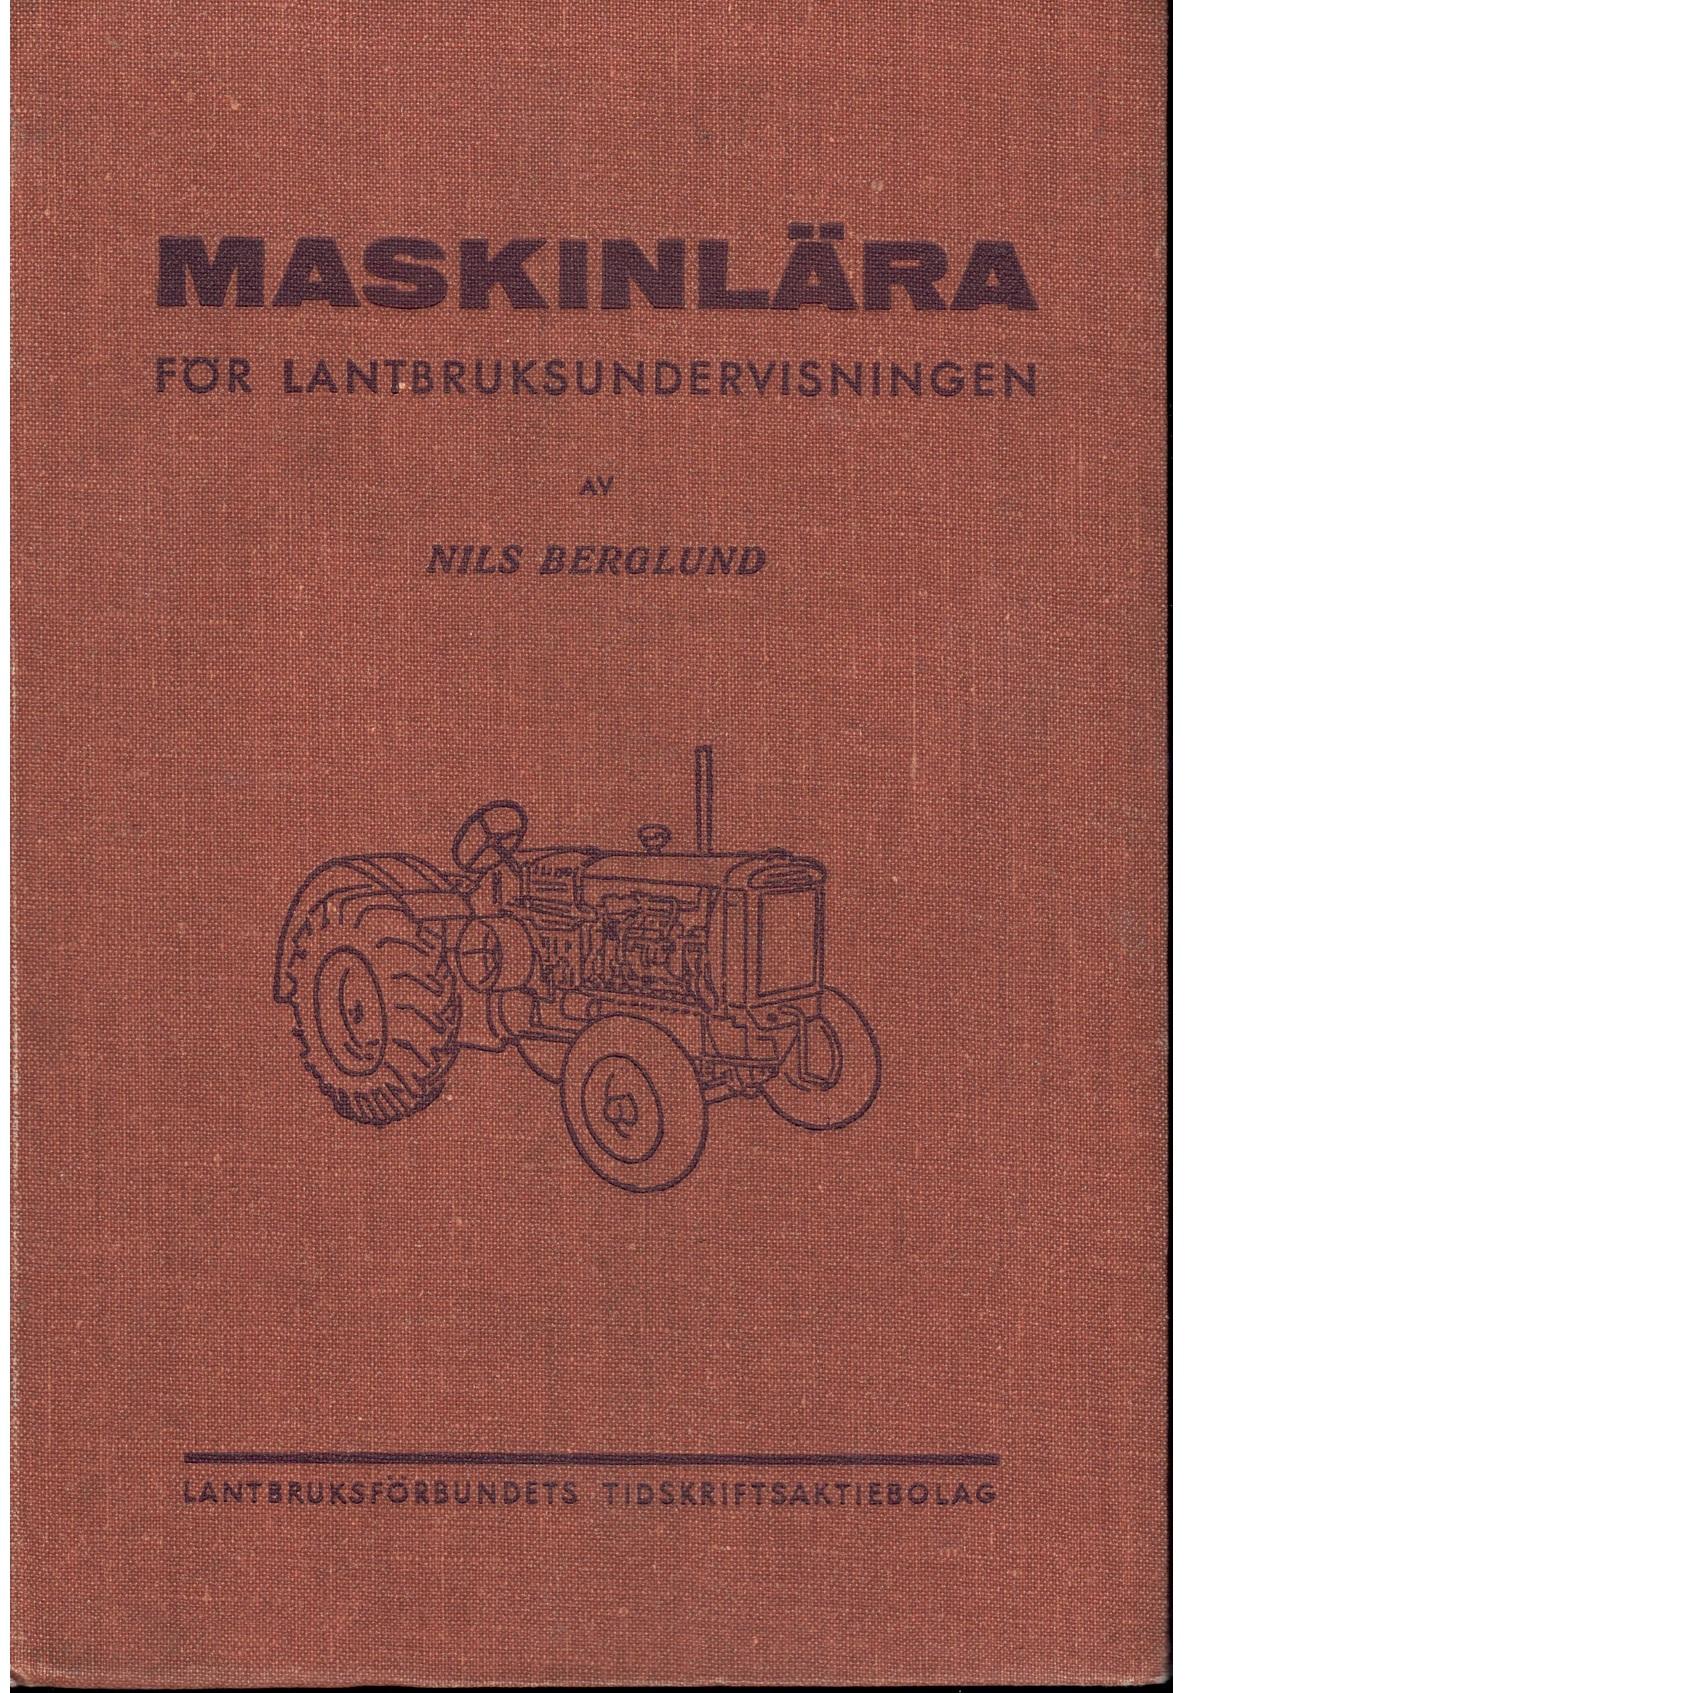 Maskinlära för lantbruksundervisningen - Berglund, Nils